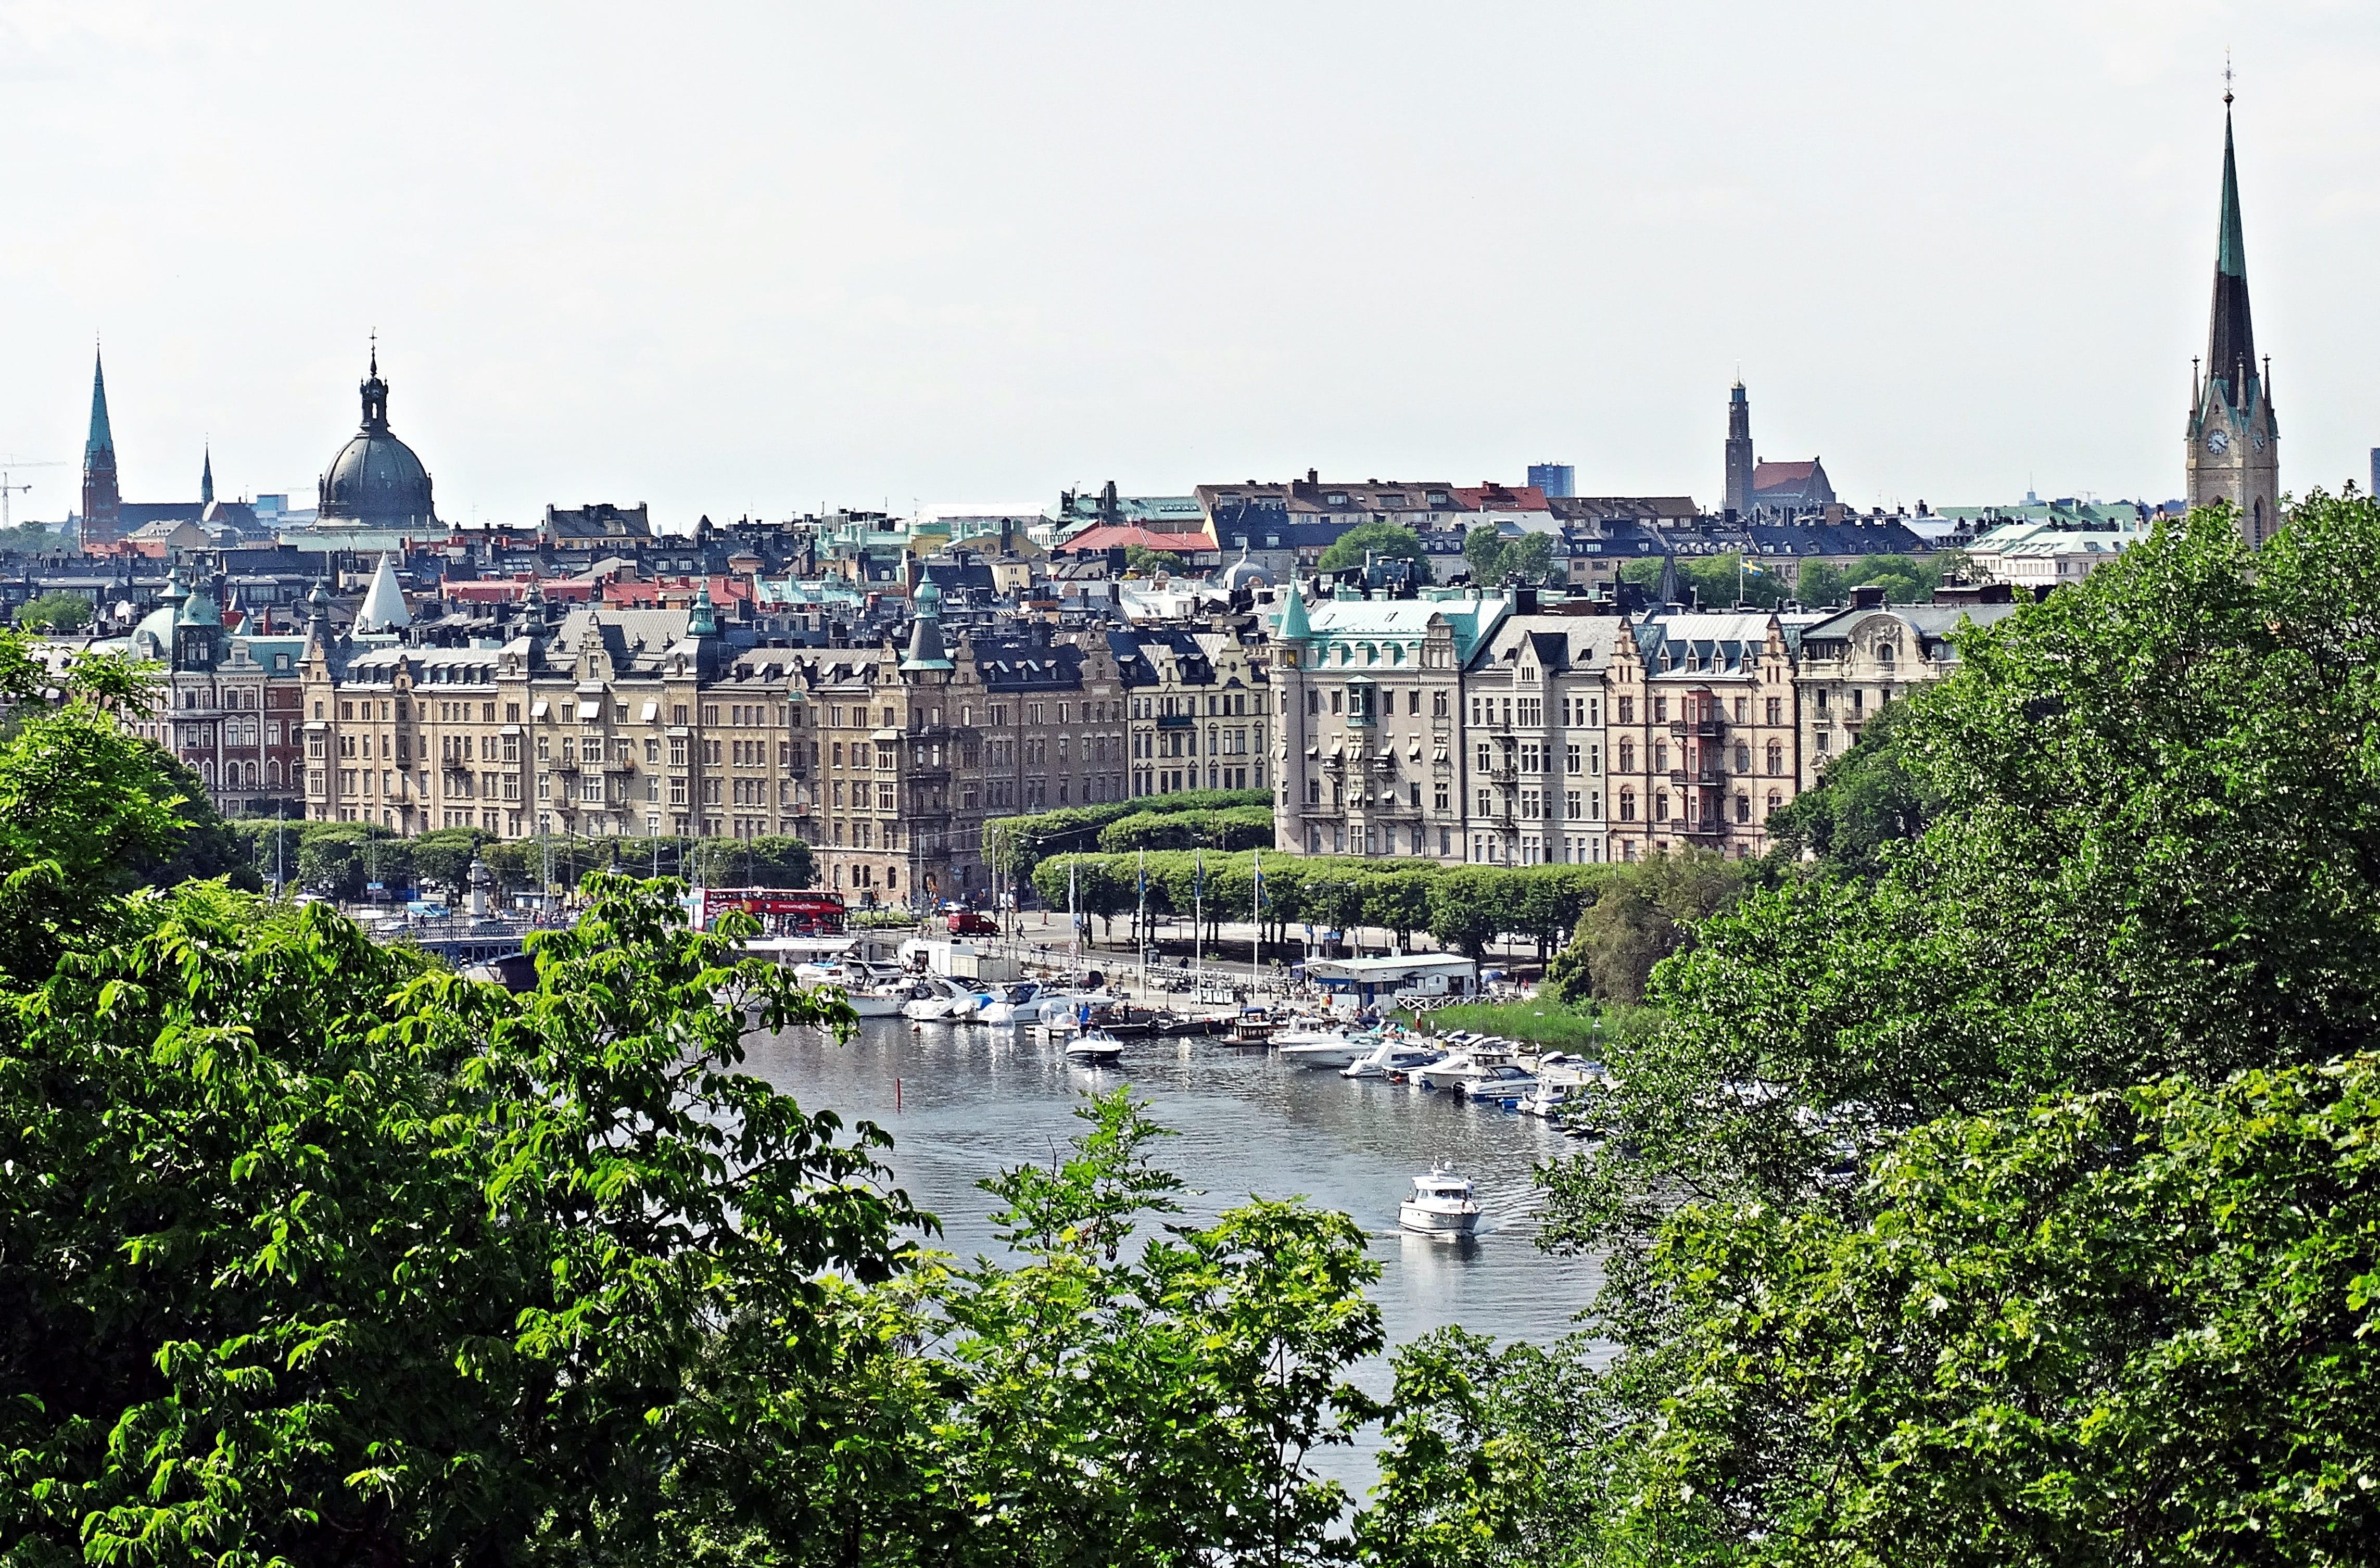 23 svenska städer kraftsamlar för klimatet. Foto: Creative Commons.